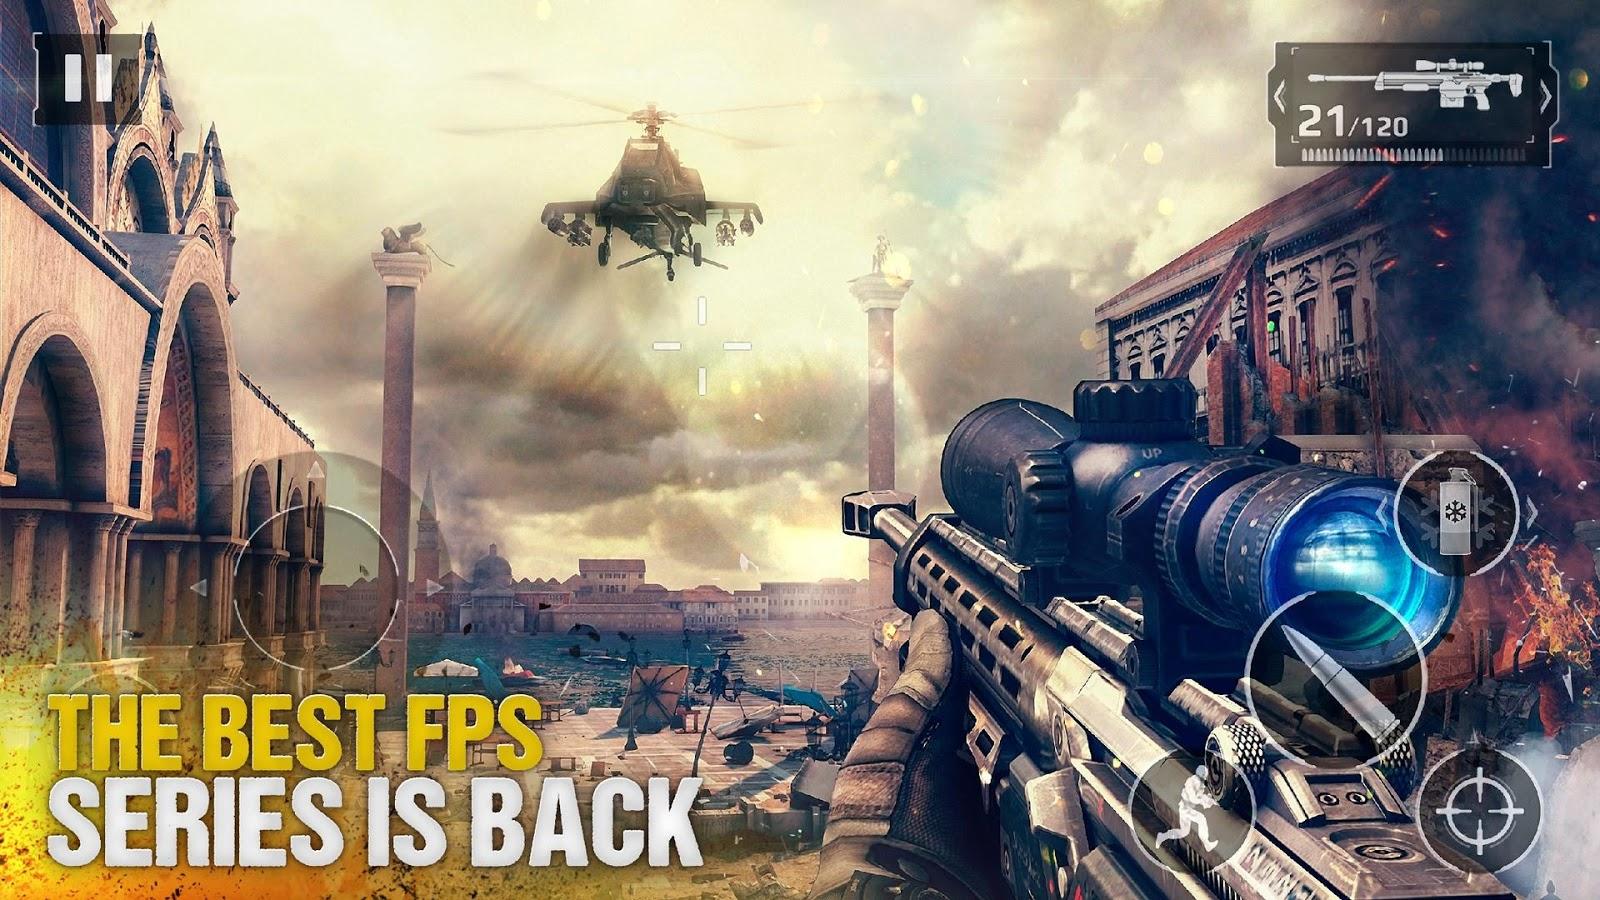 دانلود Modern Combat 5 eSports FPS 3.4.0l - بازی مدرن کامبت 5 اندروید + مود